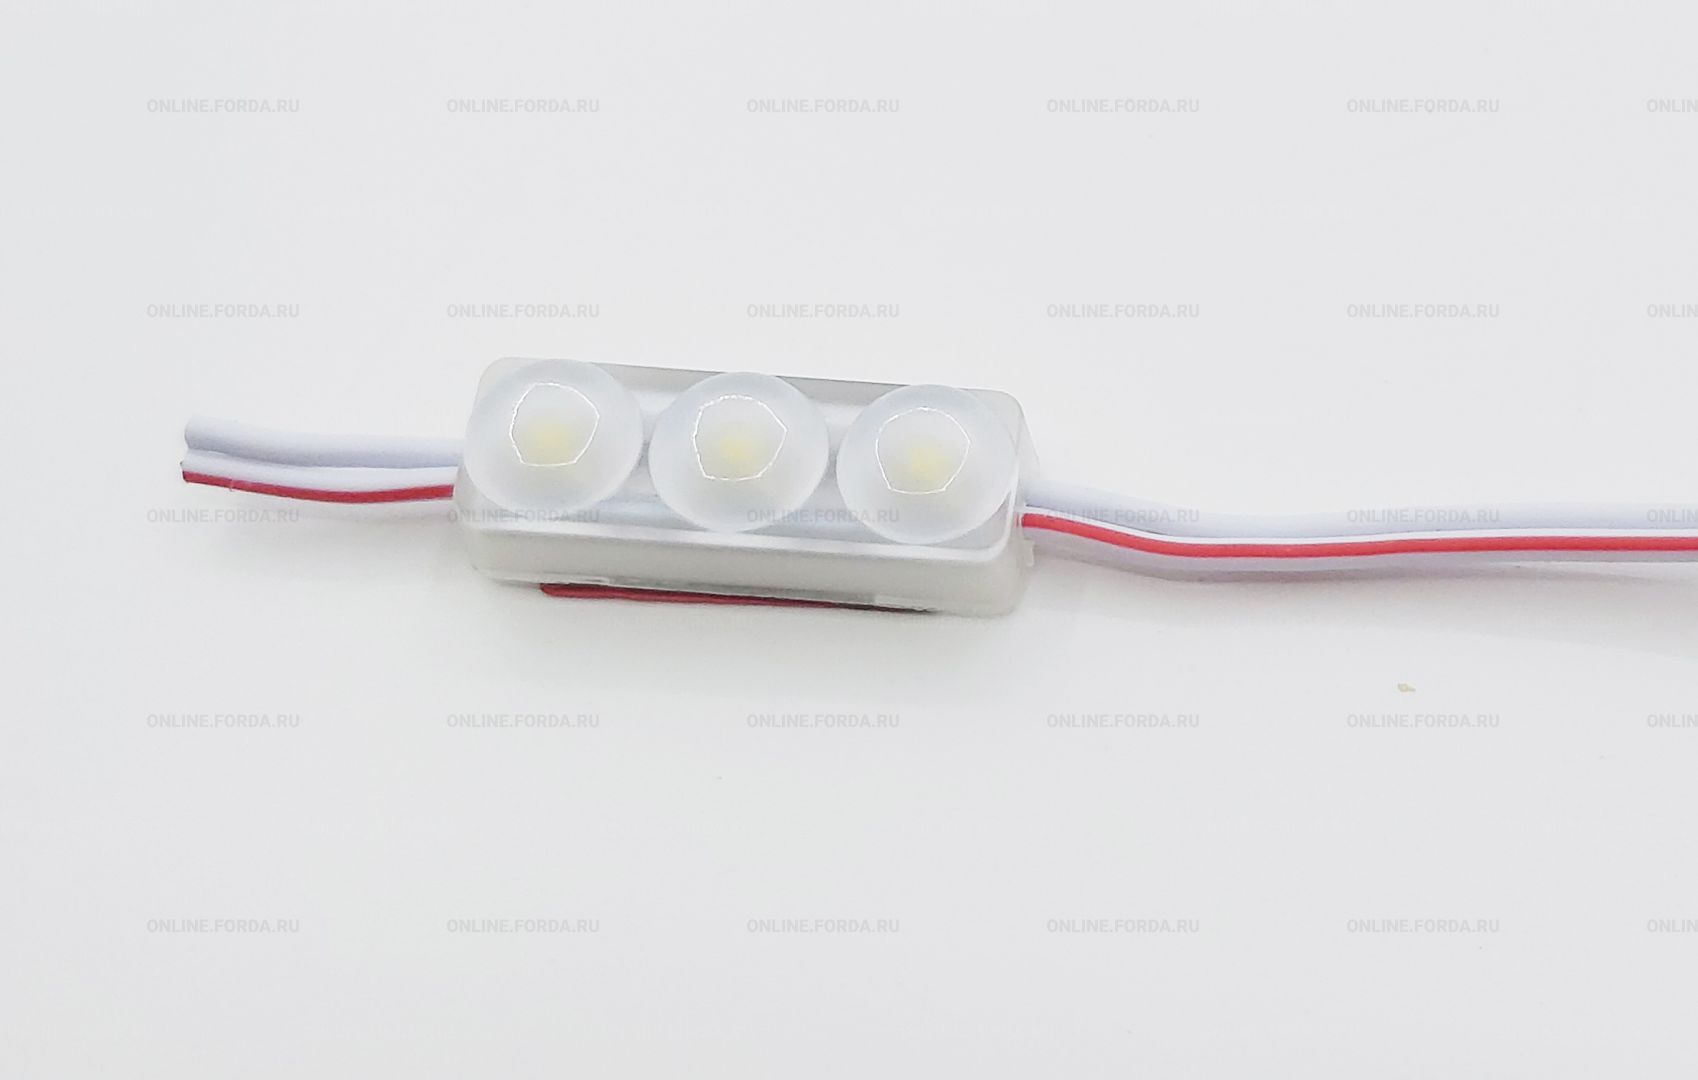 Светодиодный модуль для засветки сложных элементов